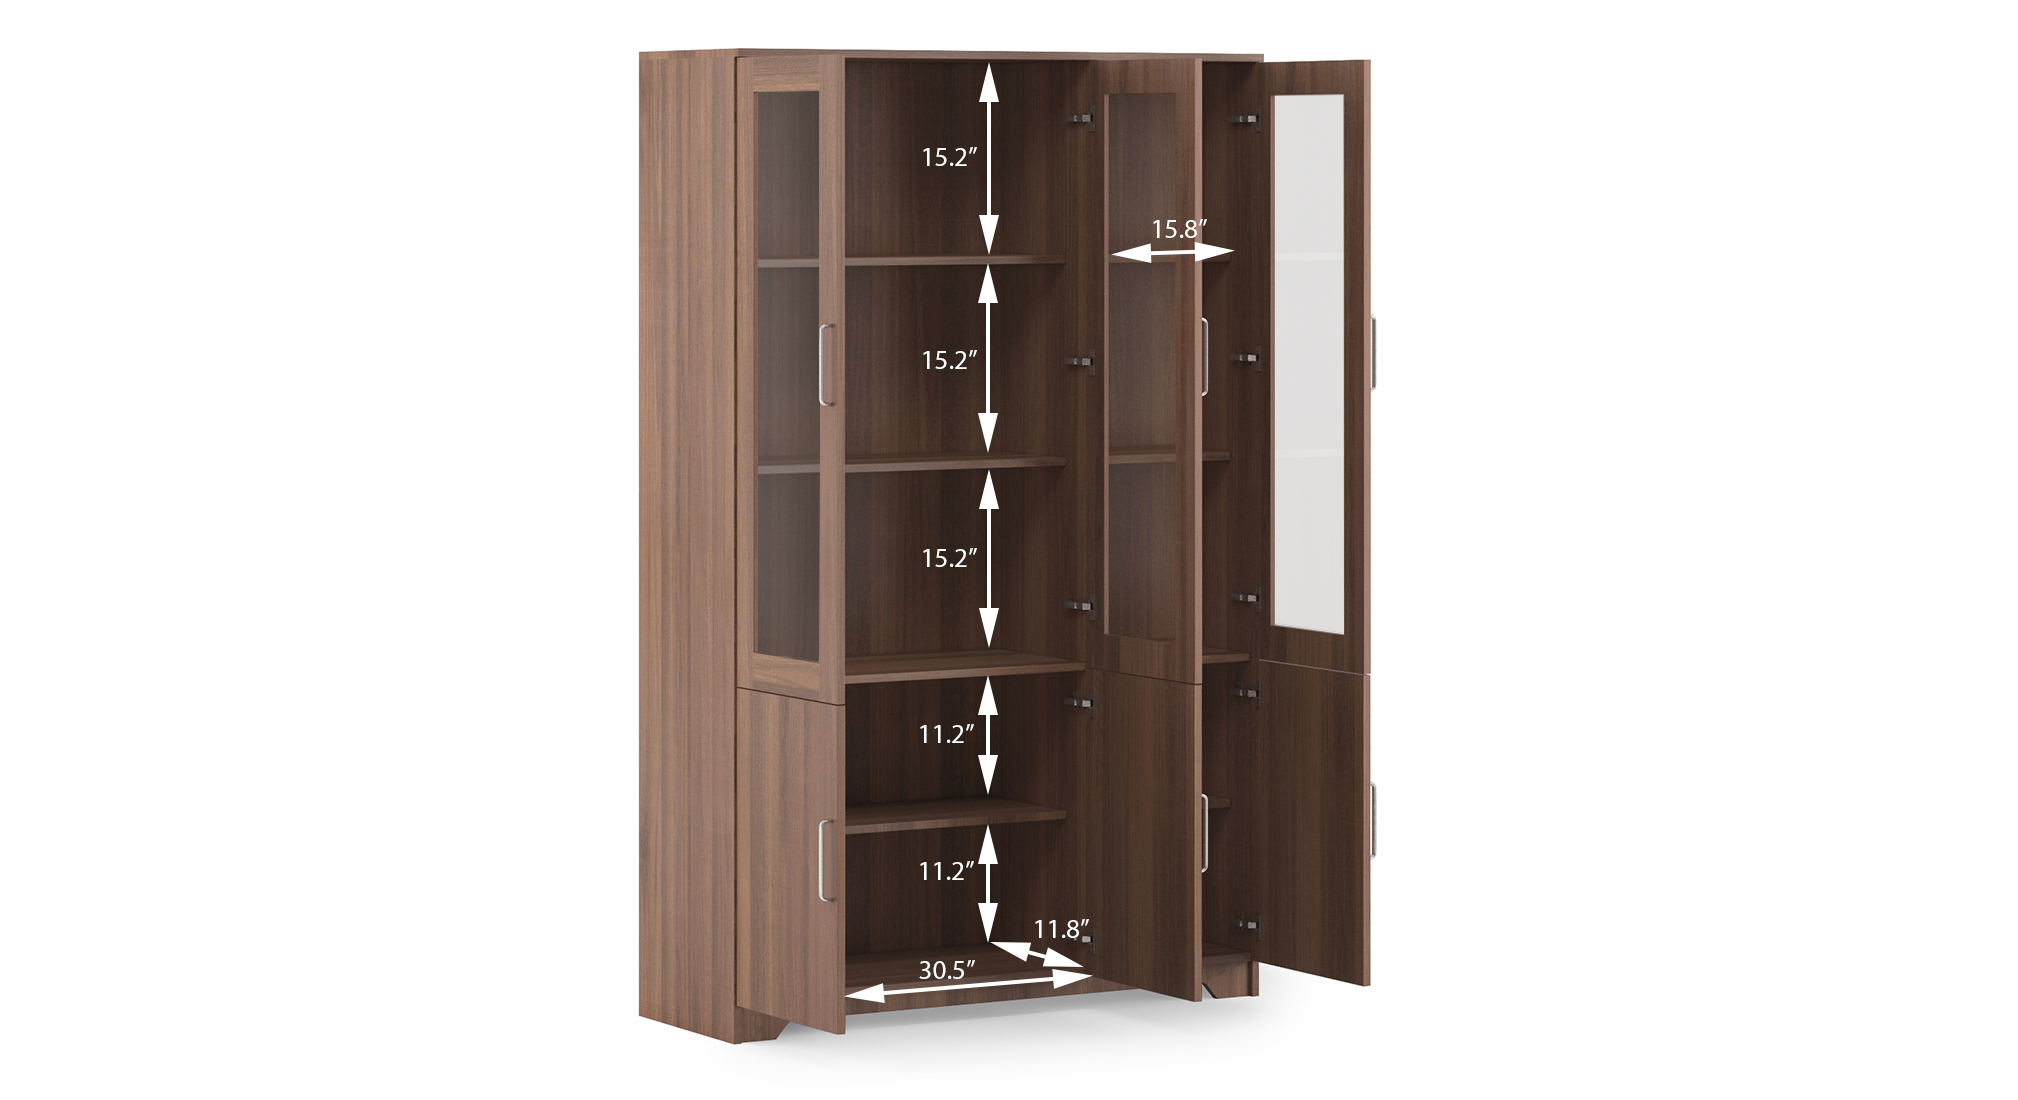 Hubert 6 door kitchen display cabinet dim 2